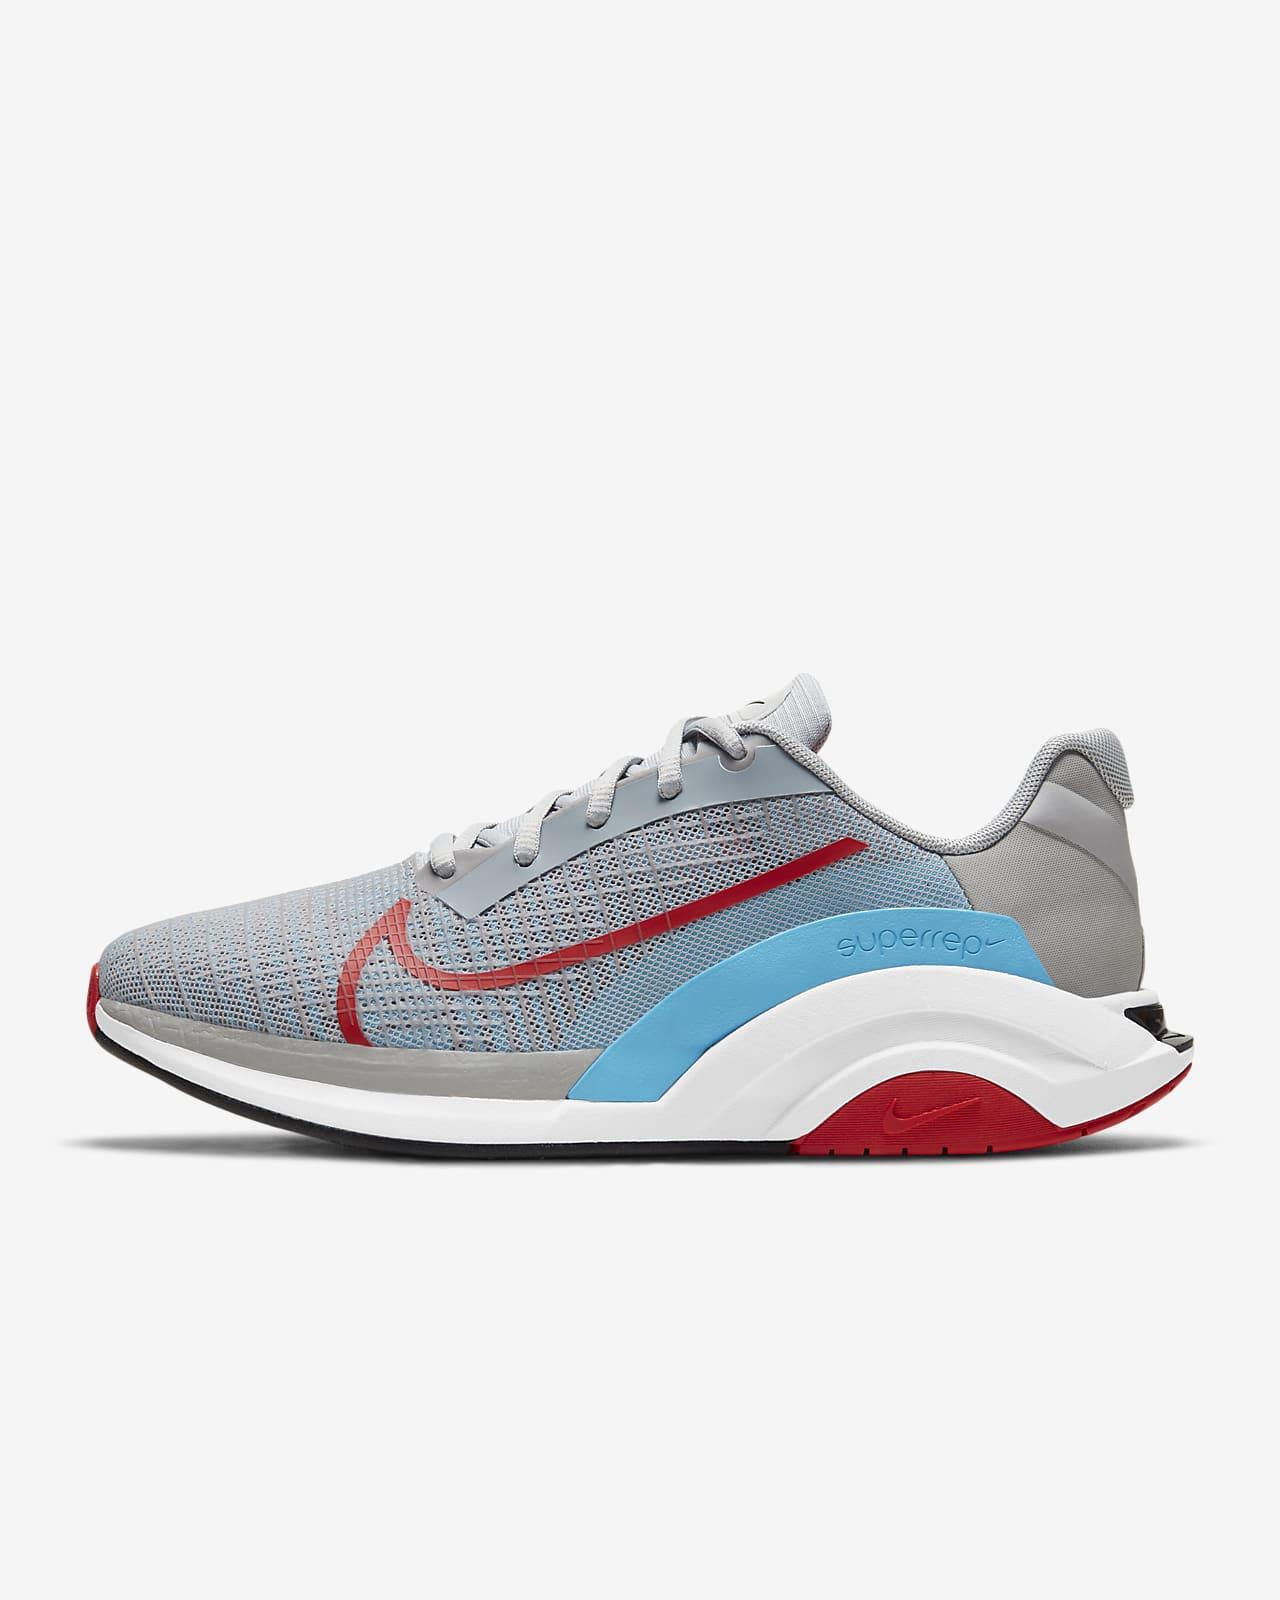 Nike ZoomX SuperRep Surge-Endurance Class-sko til mænd